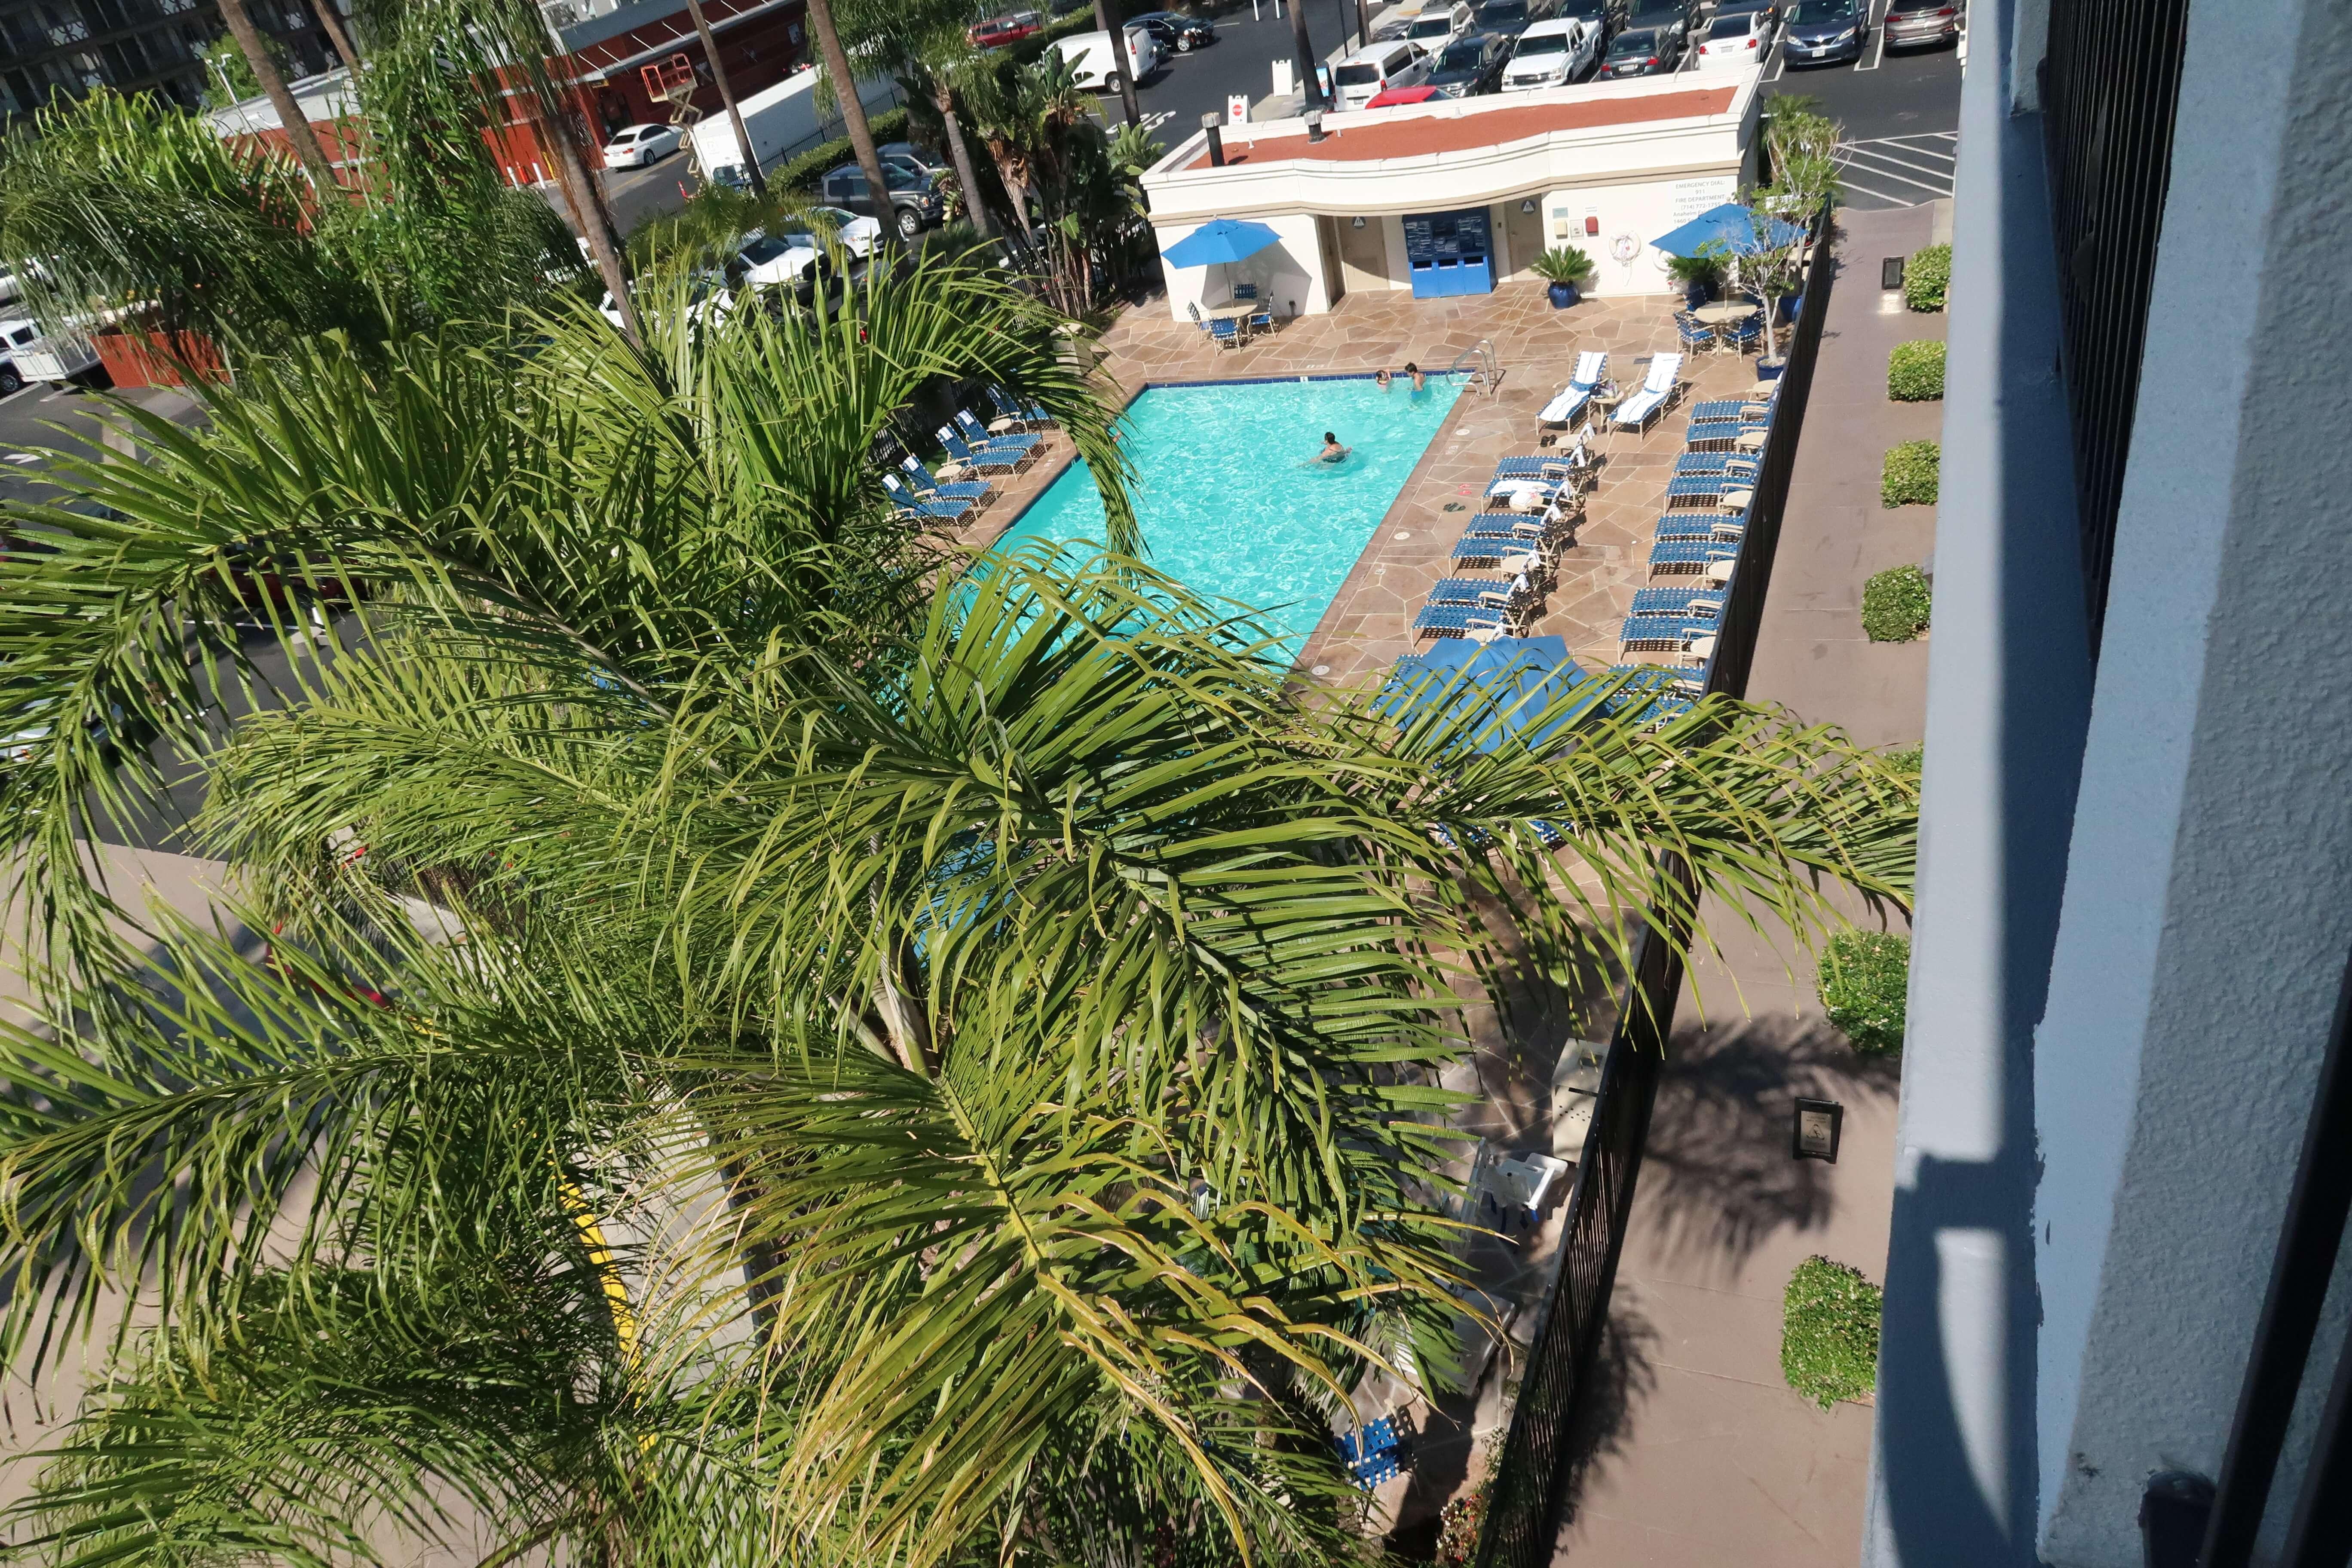 Courtyard Marriott Anaheim above shot pool near Disneyland